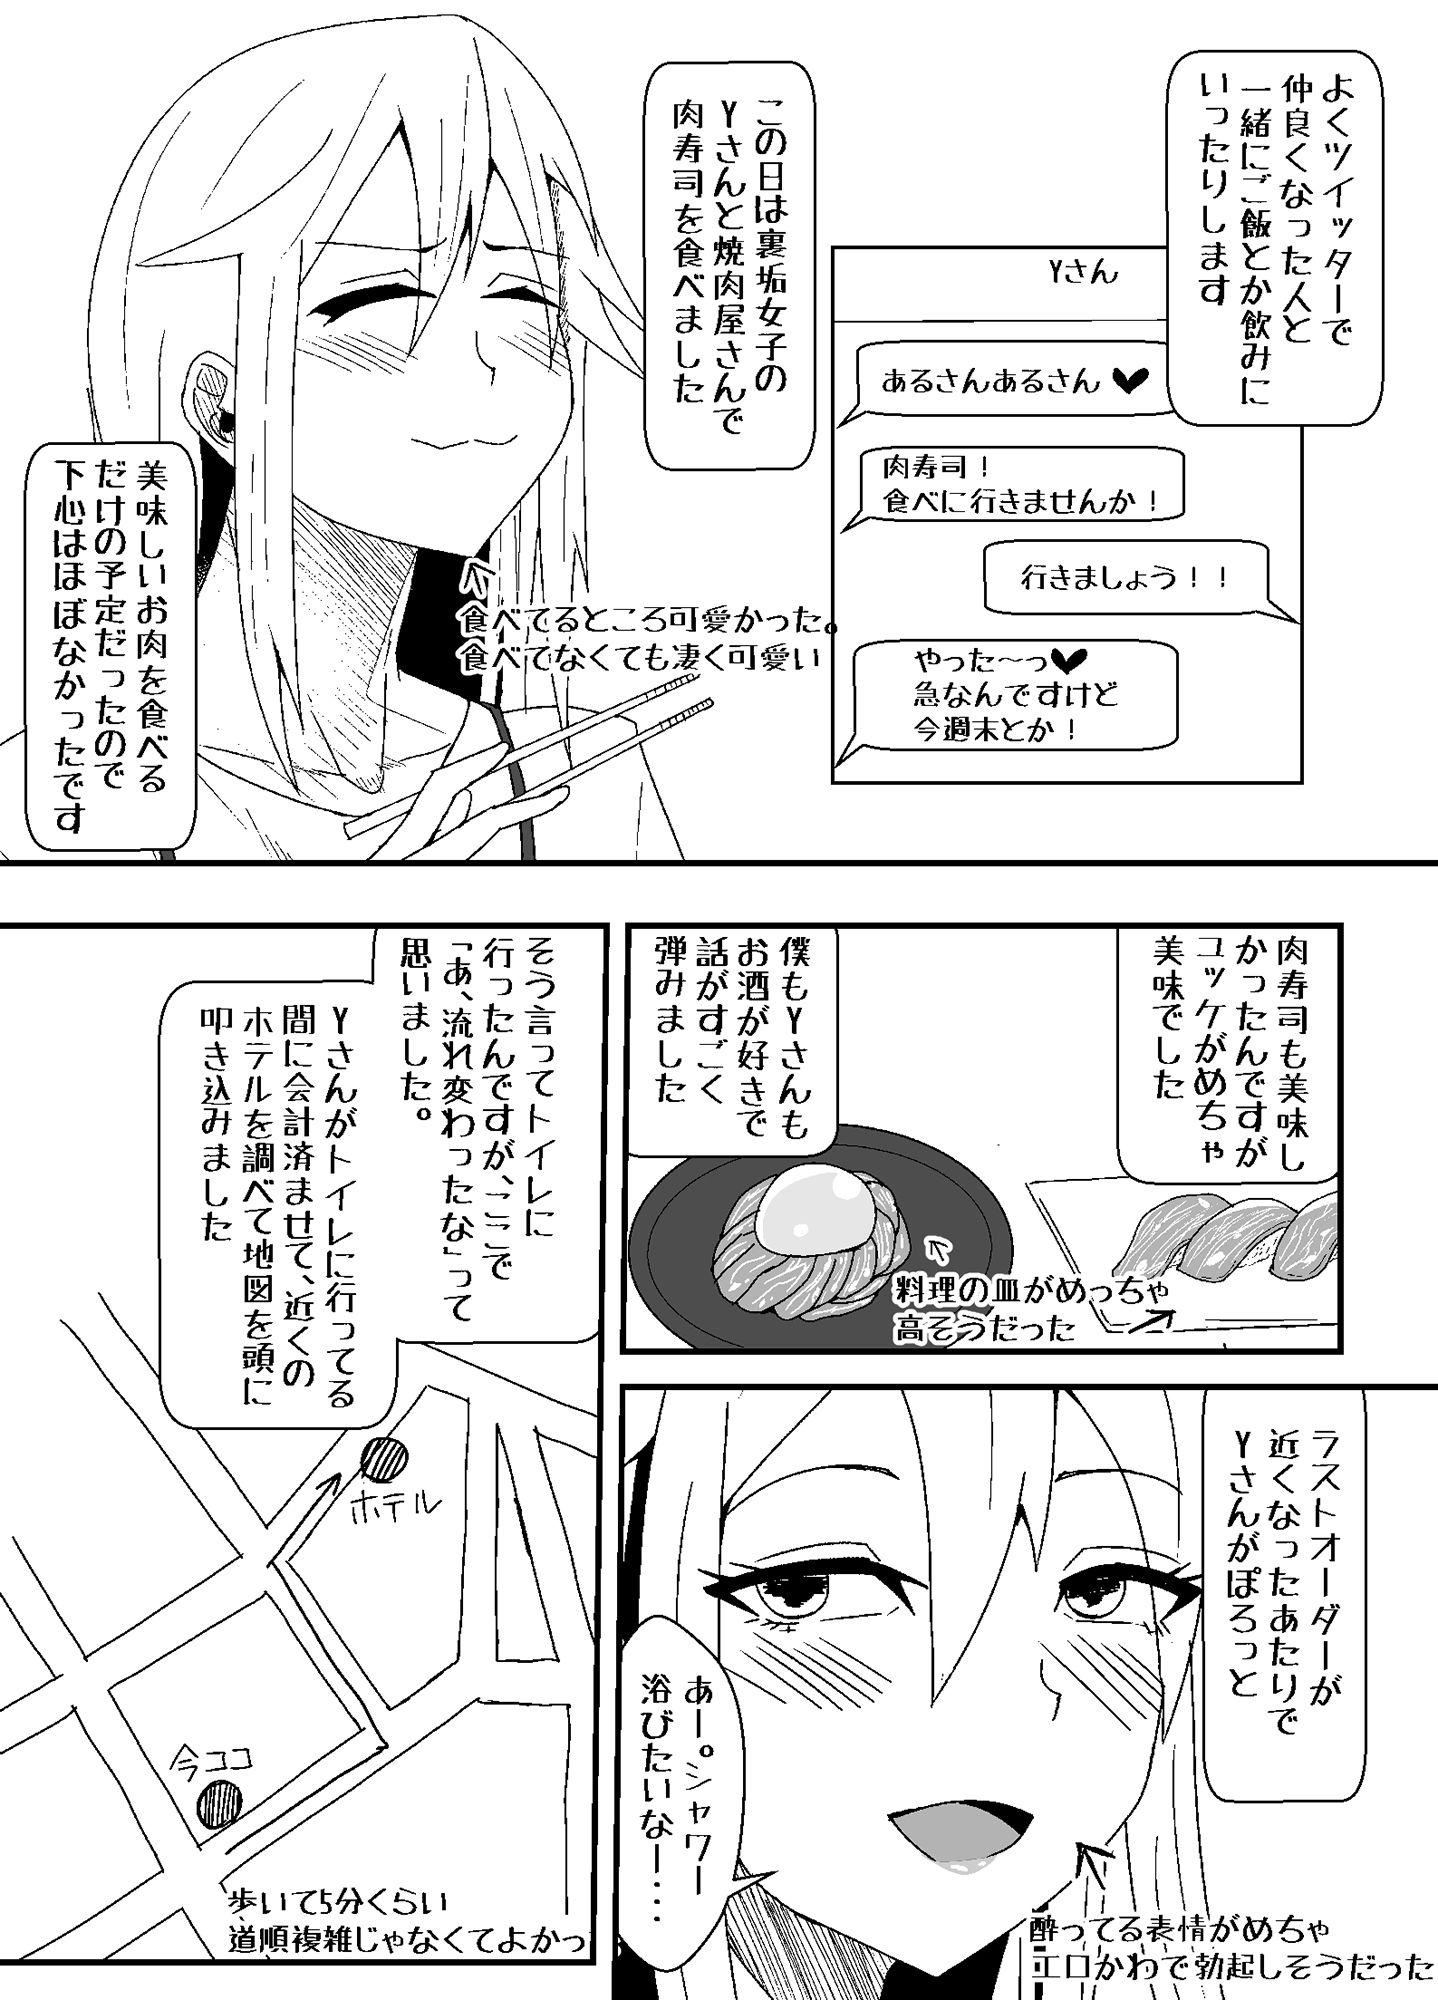 オフパコレポ漫画まとめ本